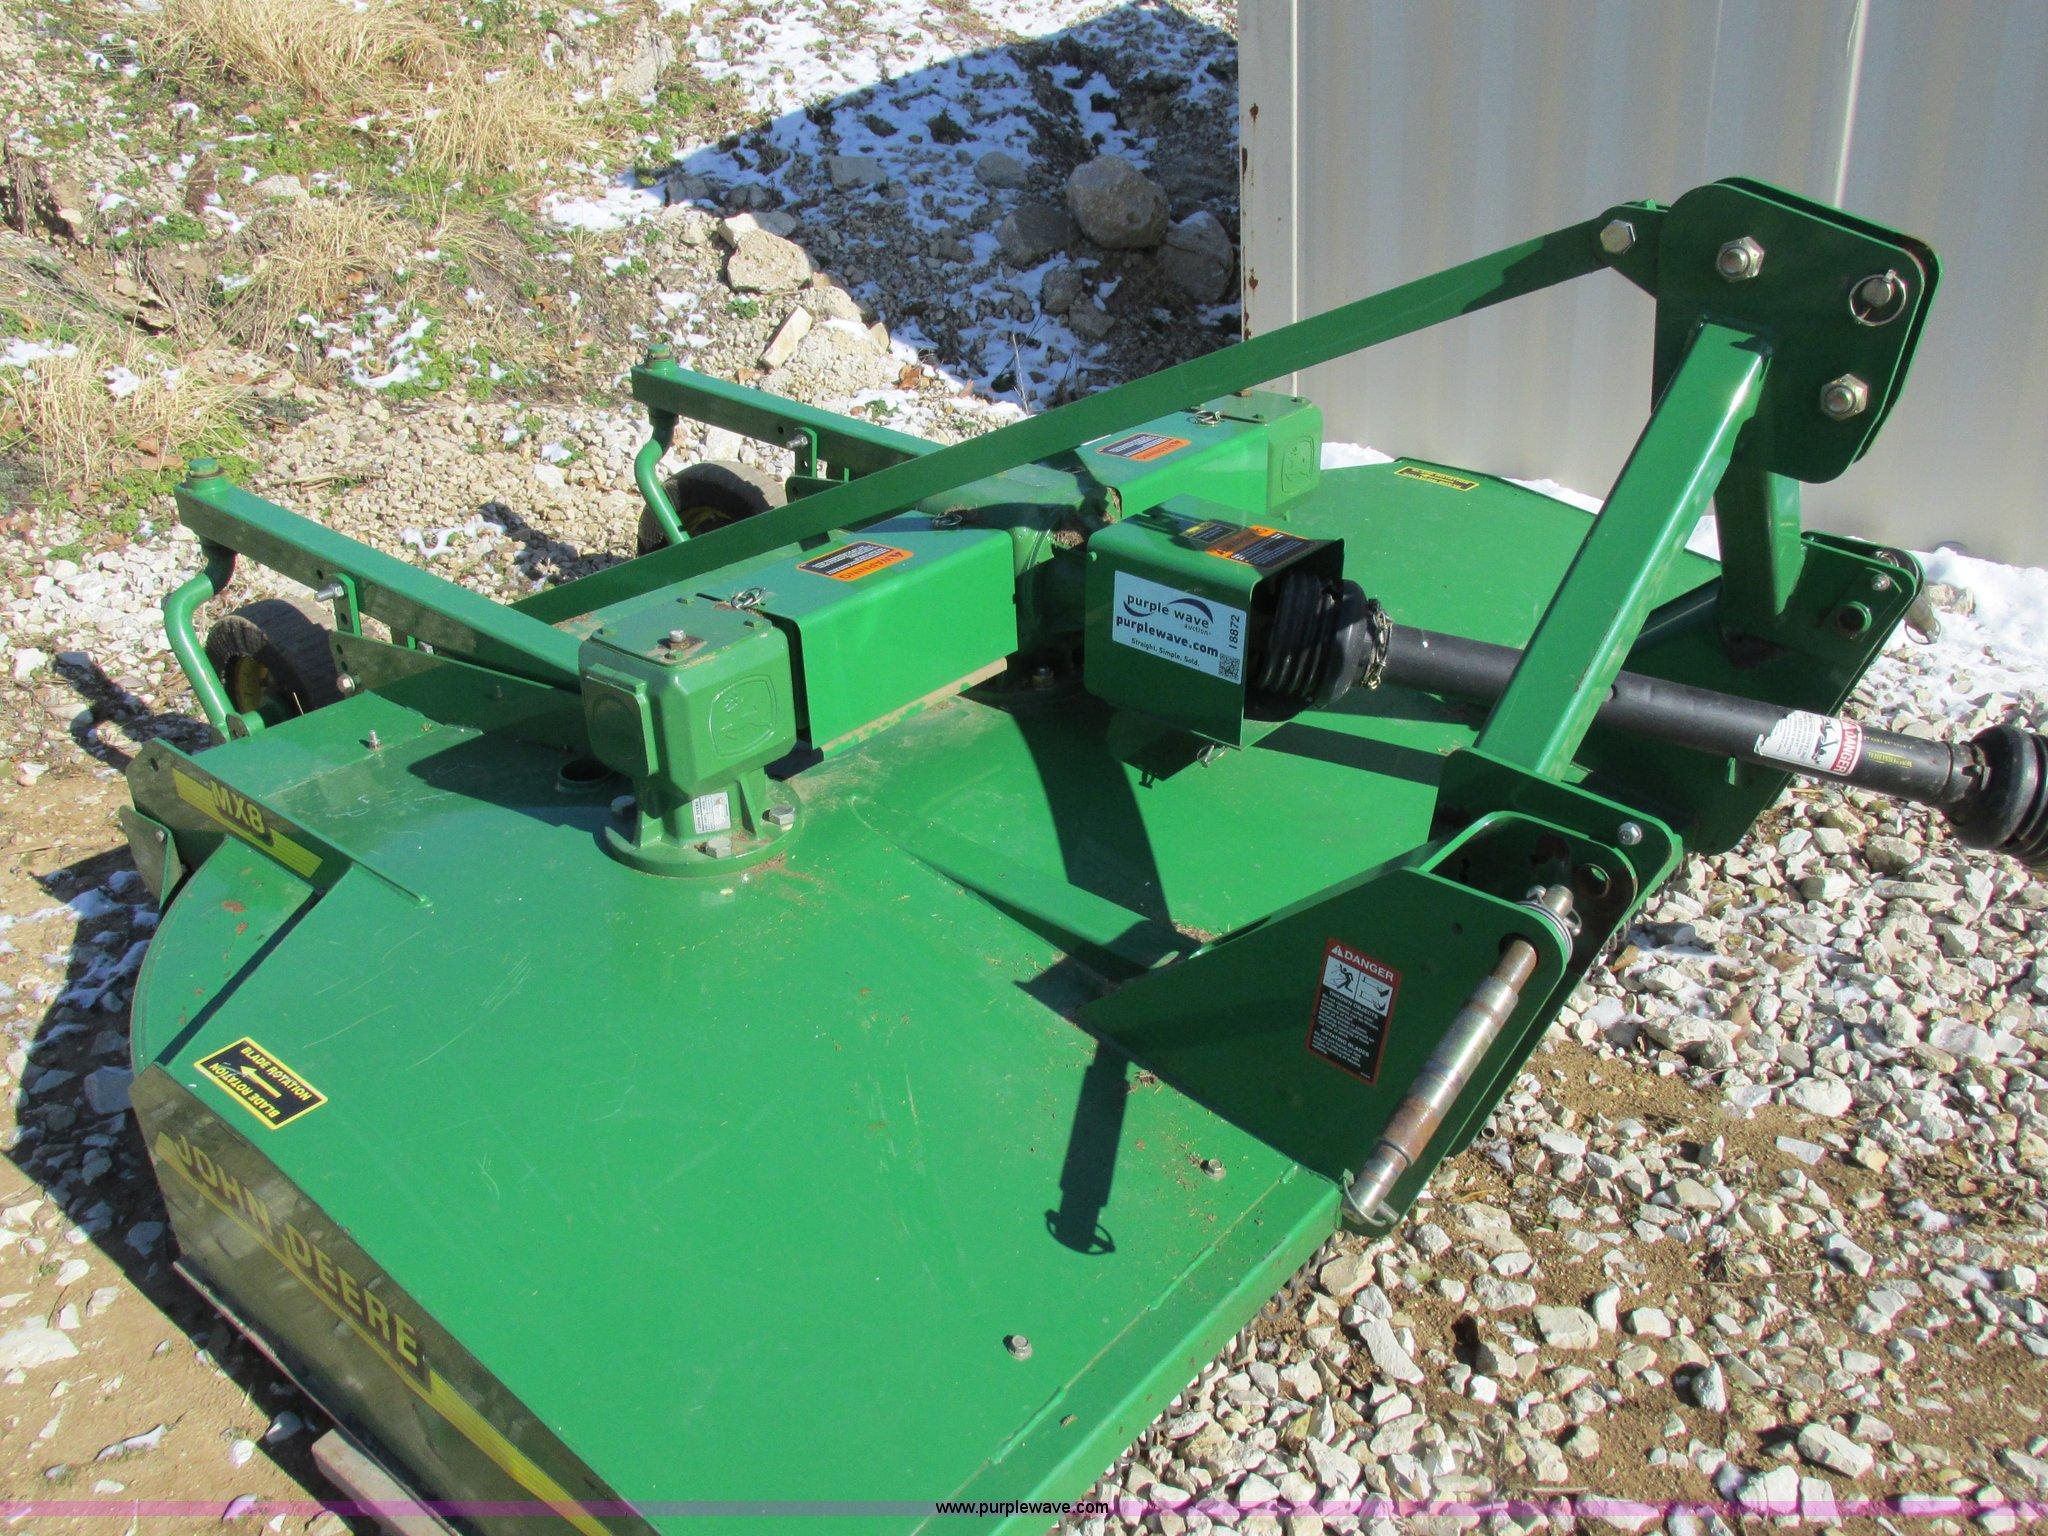 John Deere MX8 rotary mower | Item I8872 | SOLD! December 30